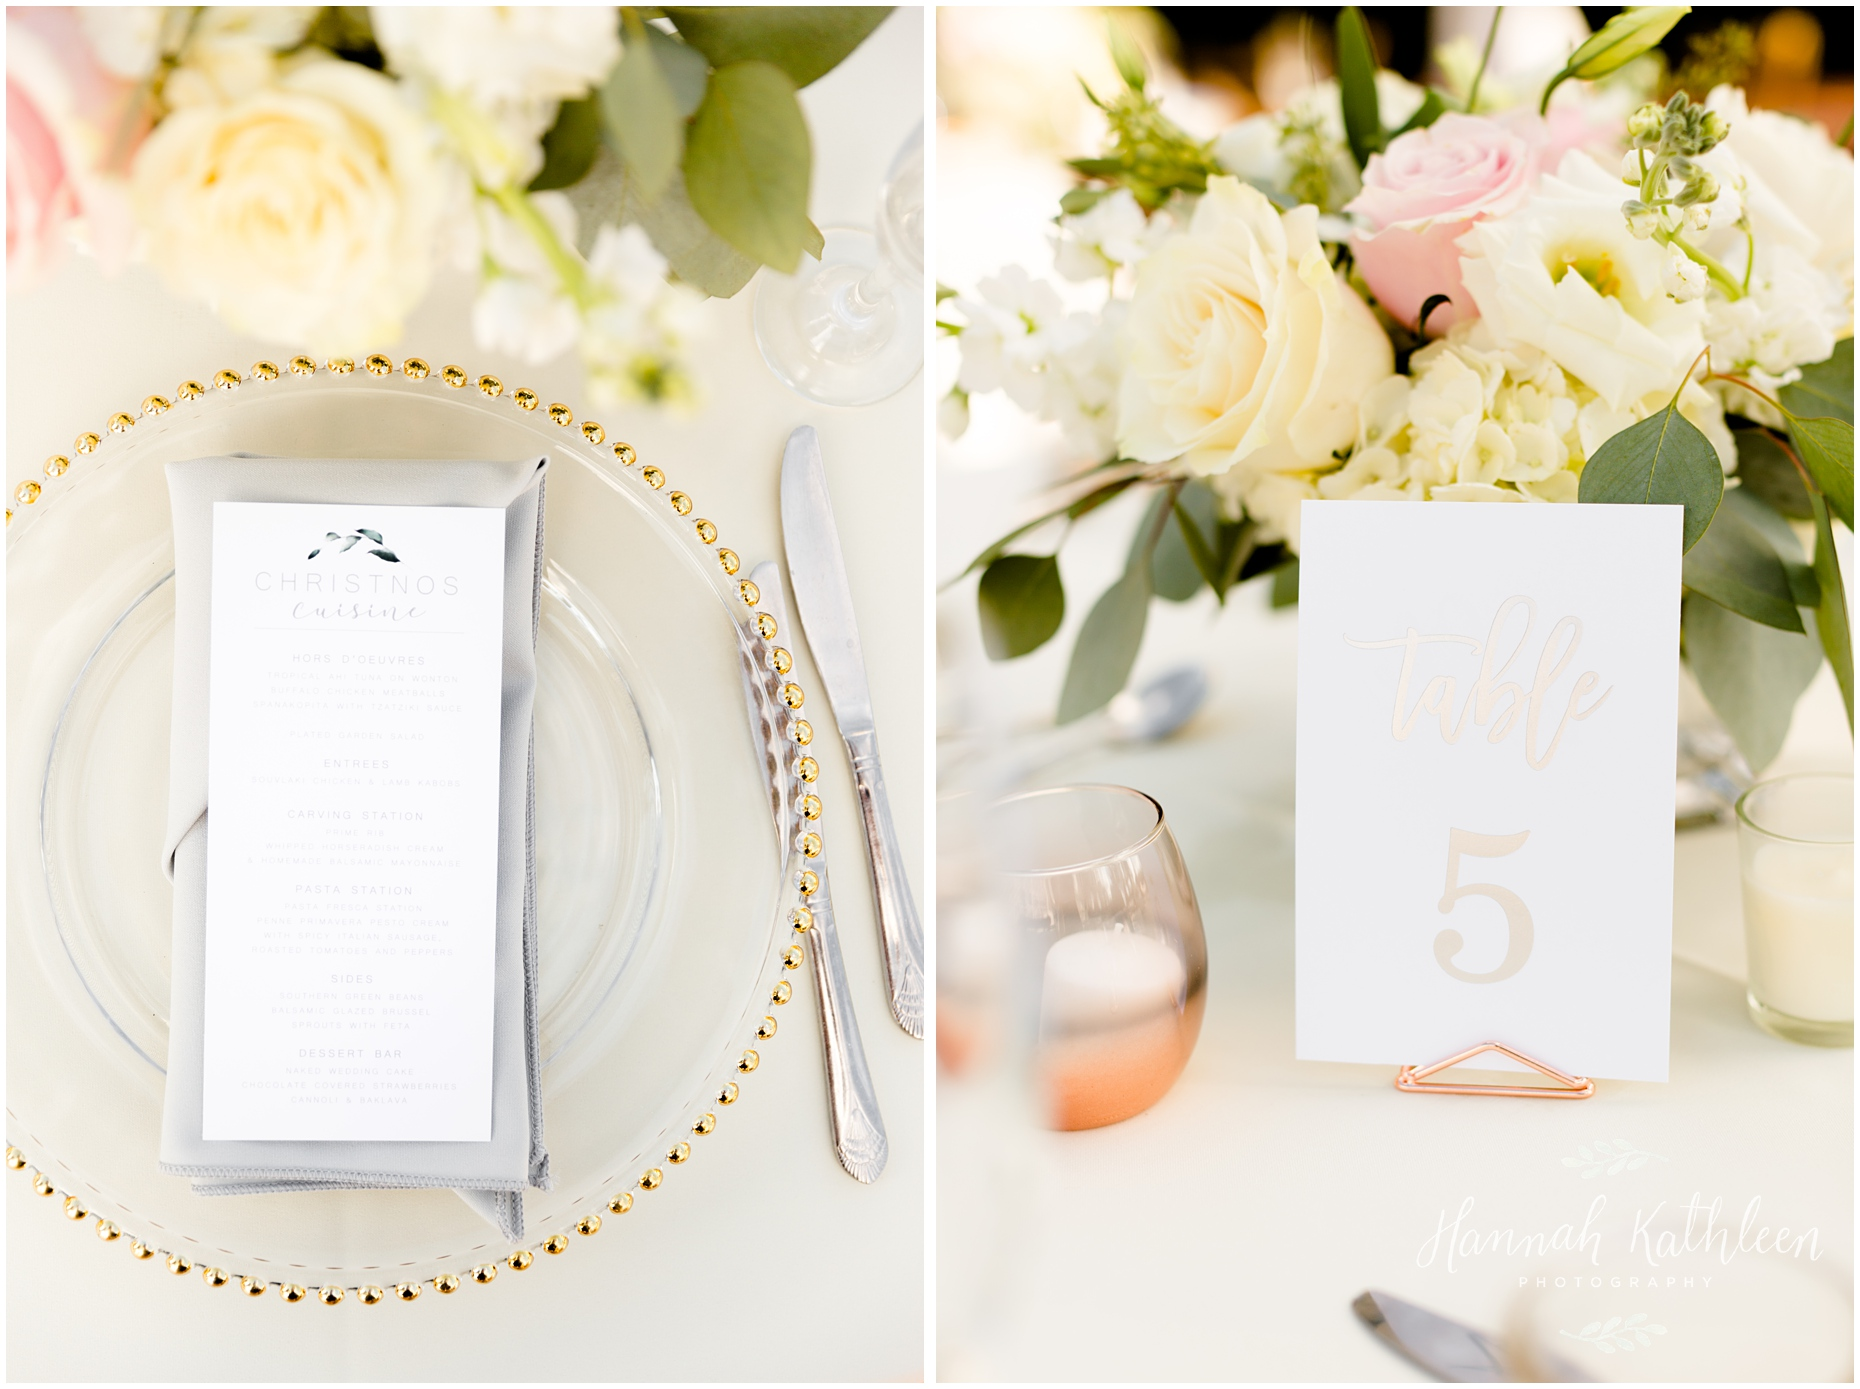 cypress_grove_orlando_florida_central_wedding_photographer_randy_cecelia